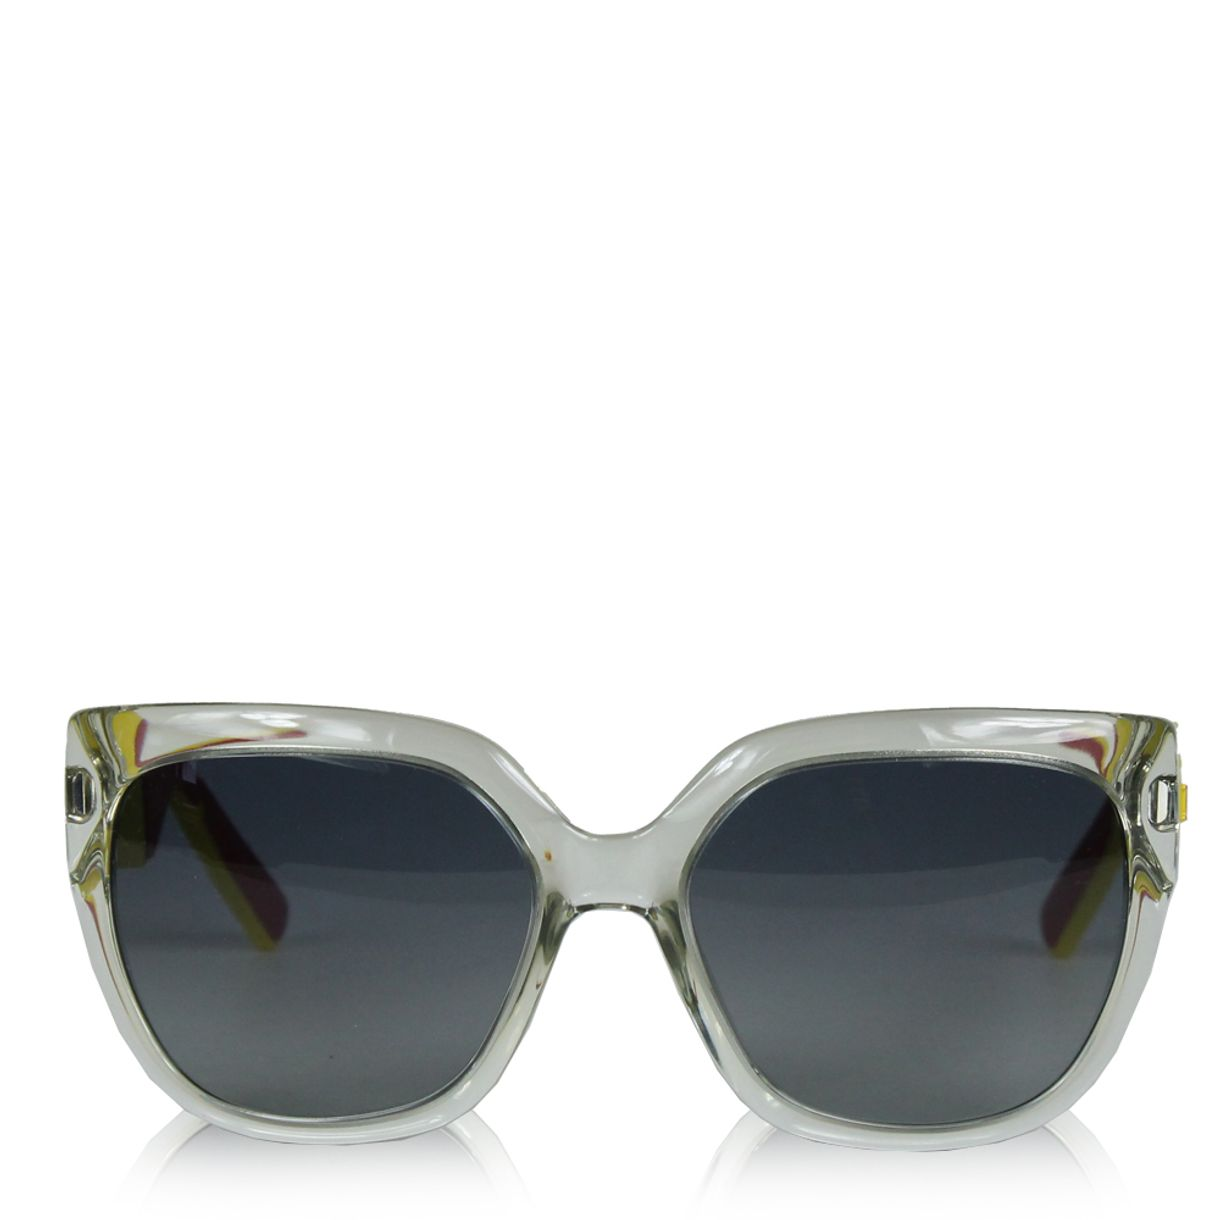 oculos-christian-dior-mydior